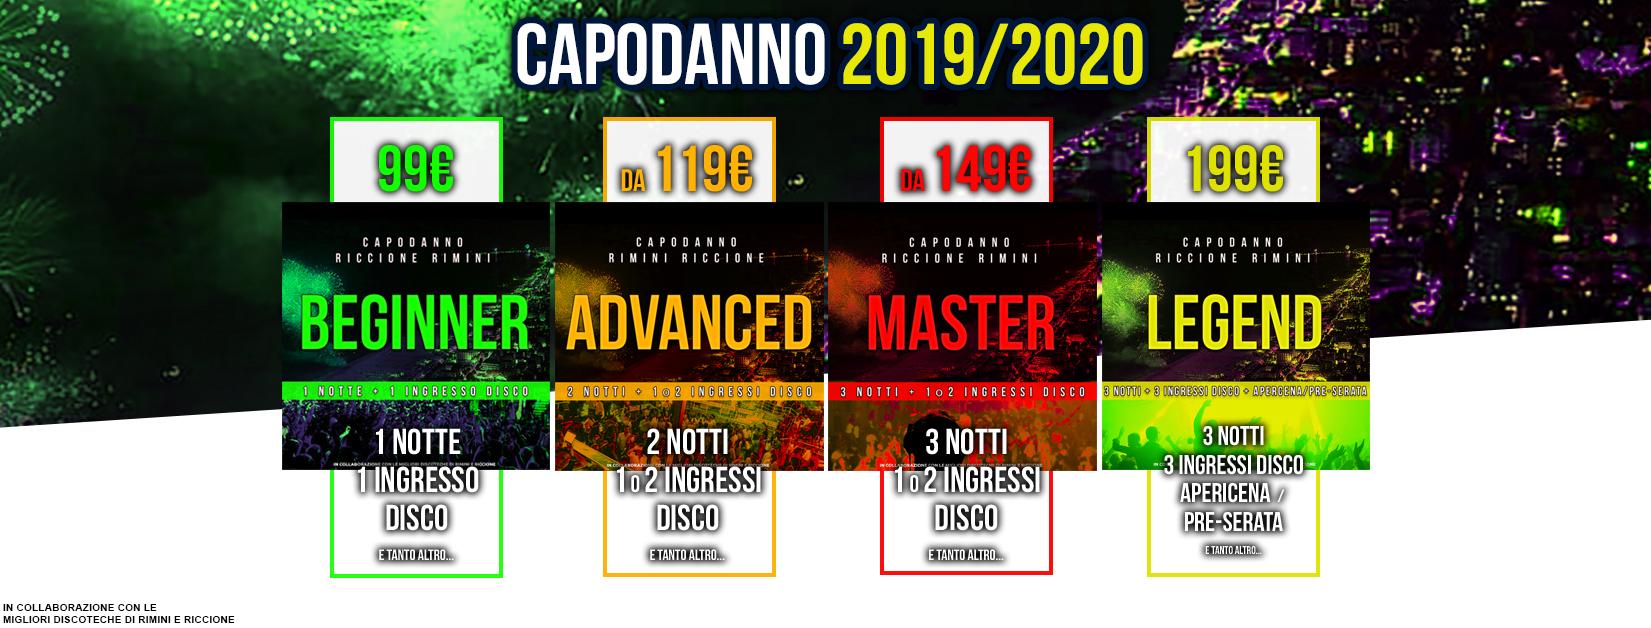 CAPODANNO 2020 A RICCIONE e RIMINI Eventi Pacchetti Hotel e Discoteche